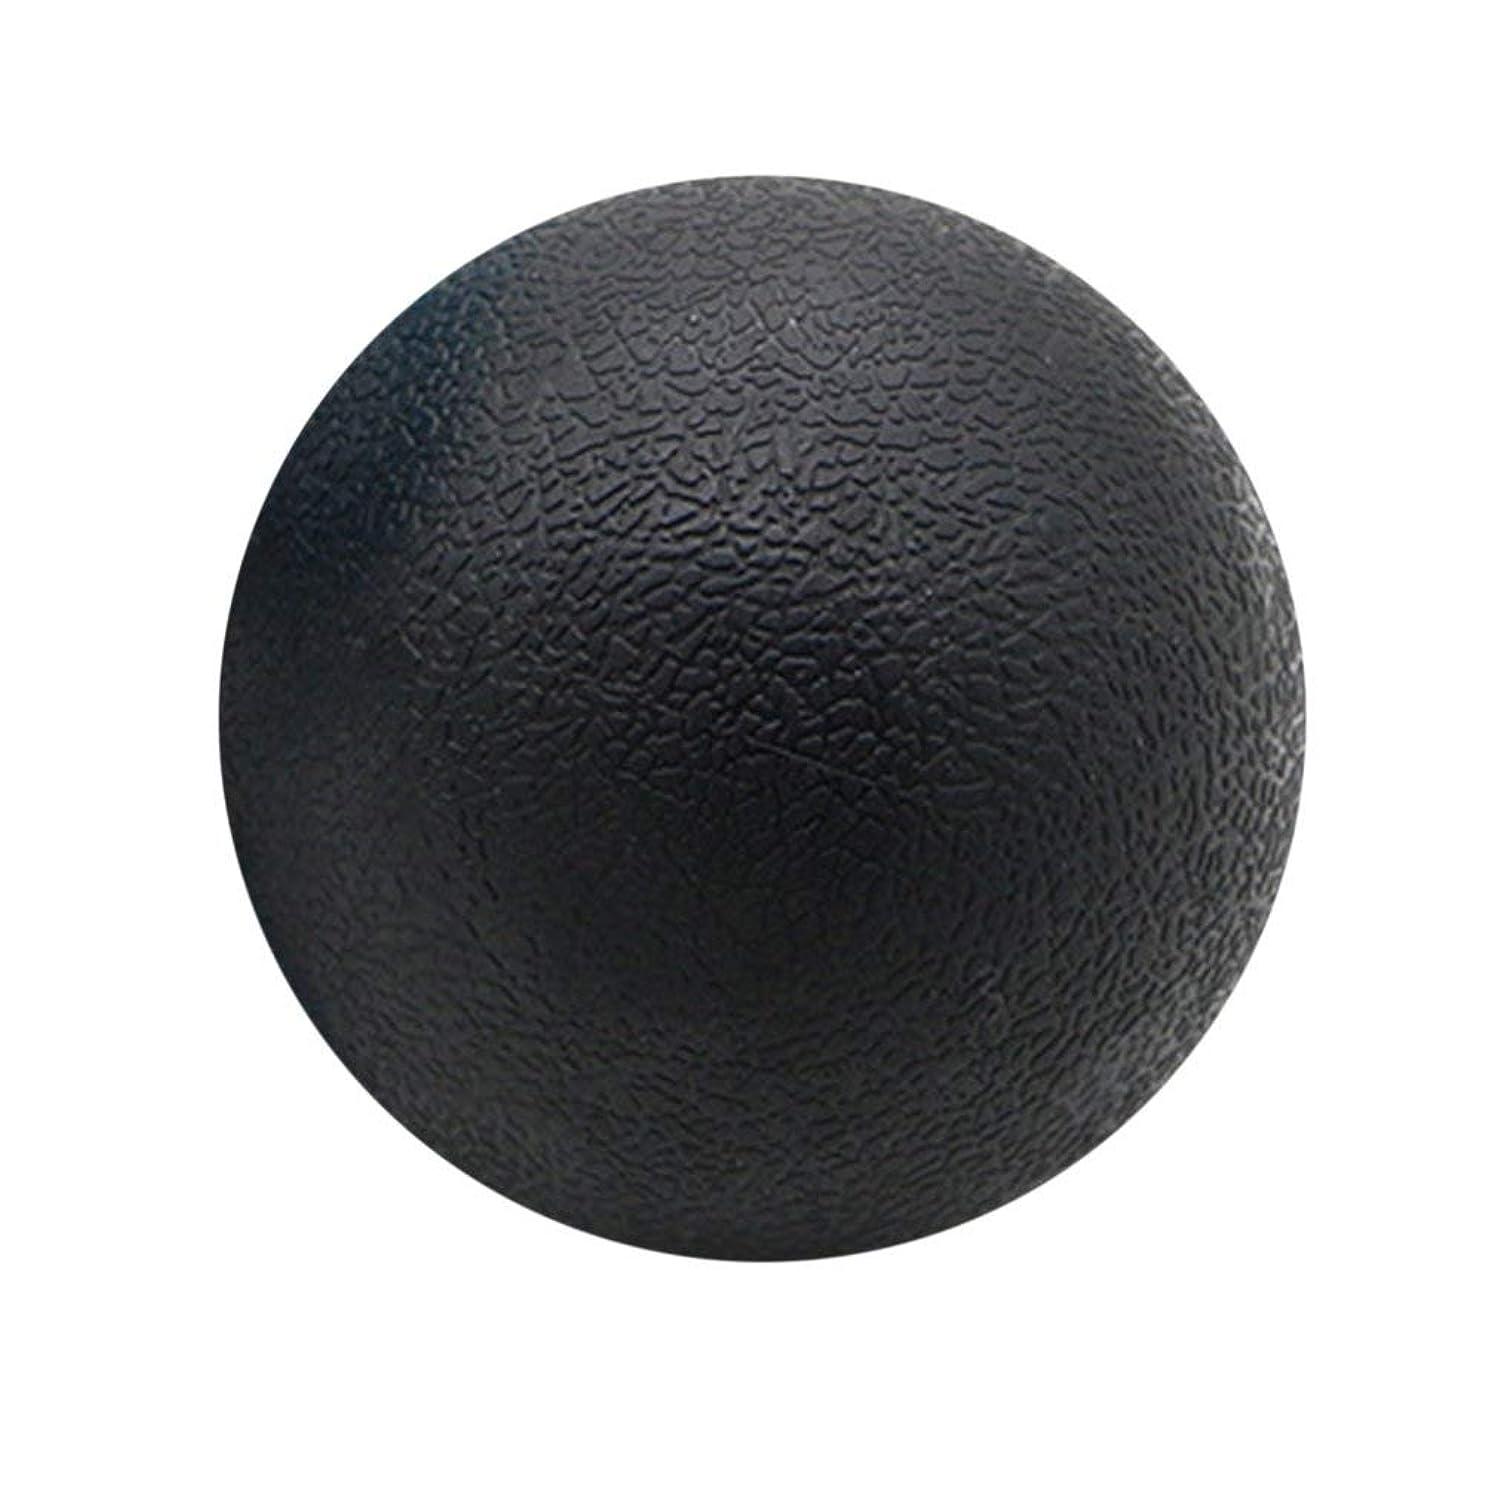 コーナーパラダイスアンペアフィットネス緩和ジムシングルボールマッサージボールトレーニングフェイシアホッケーボール6.3 cmマッサージフィットネスボールリラックスマッスルボール - ブラック